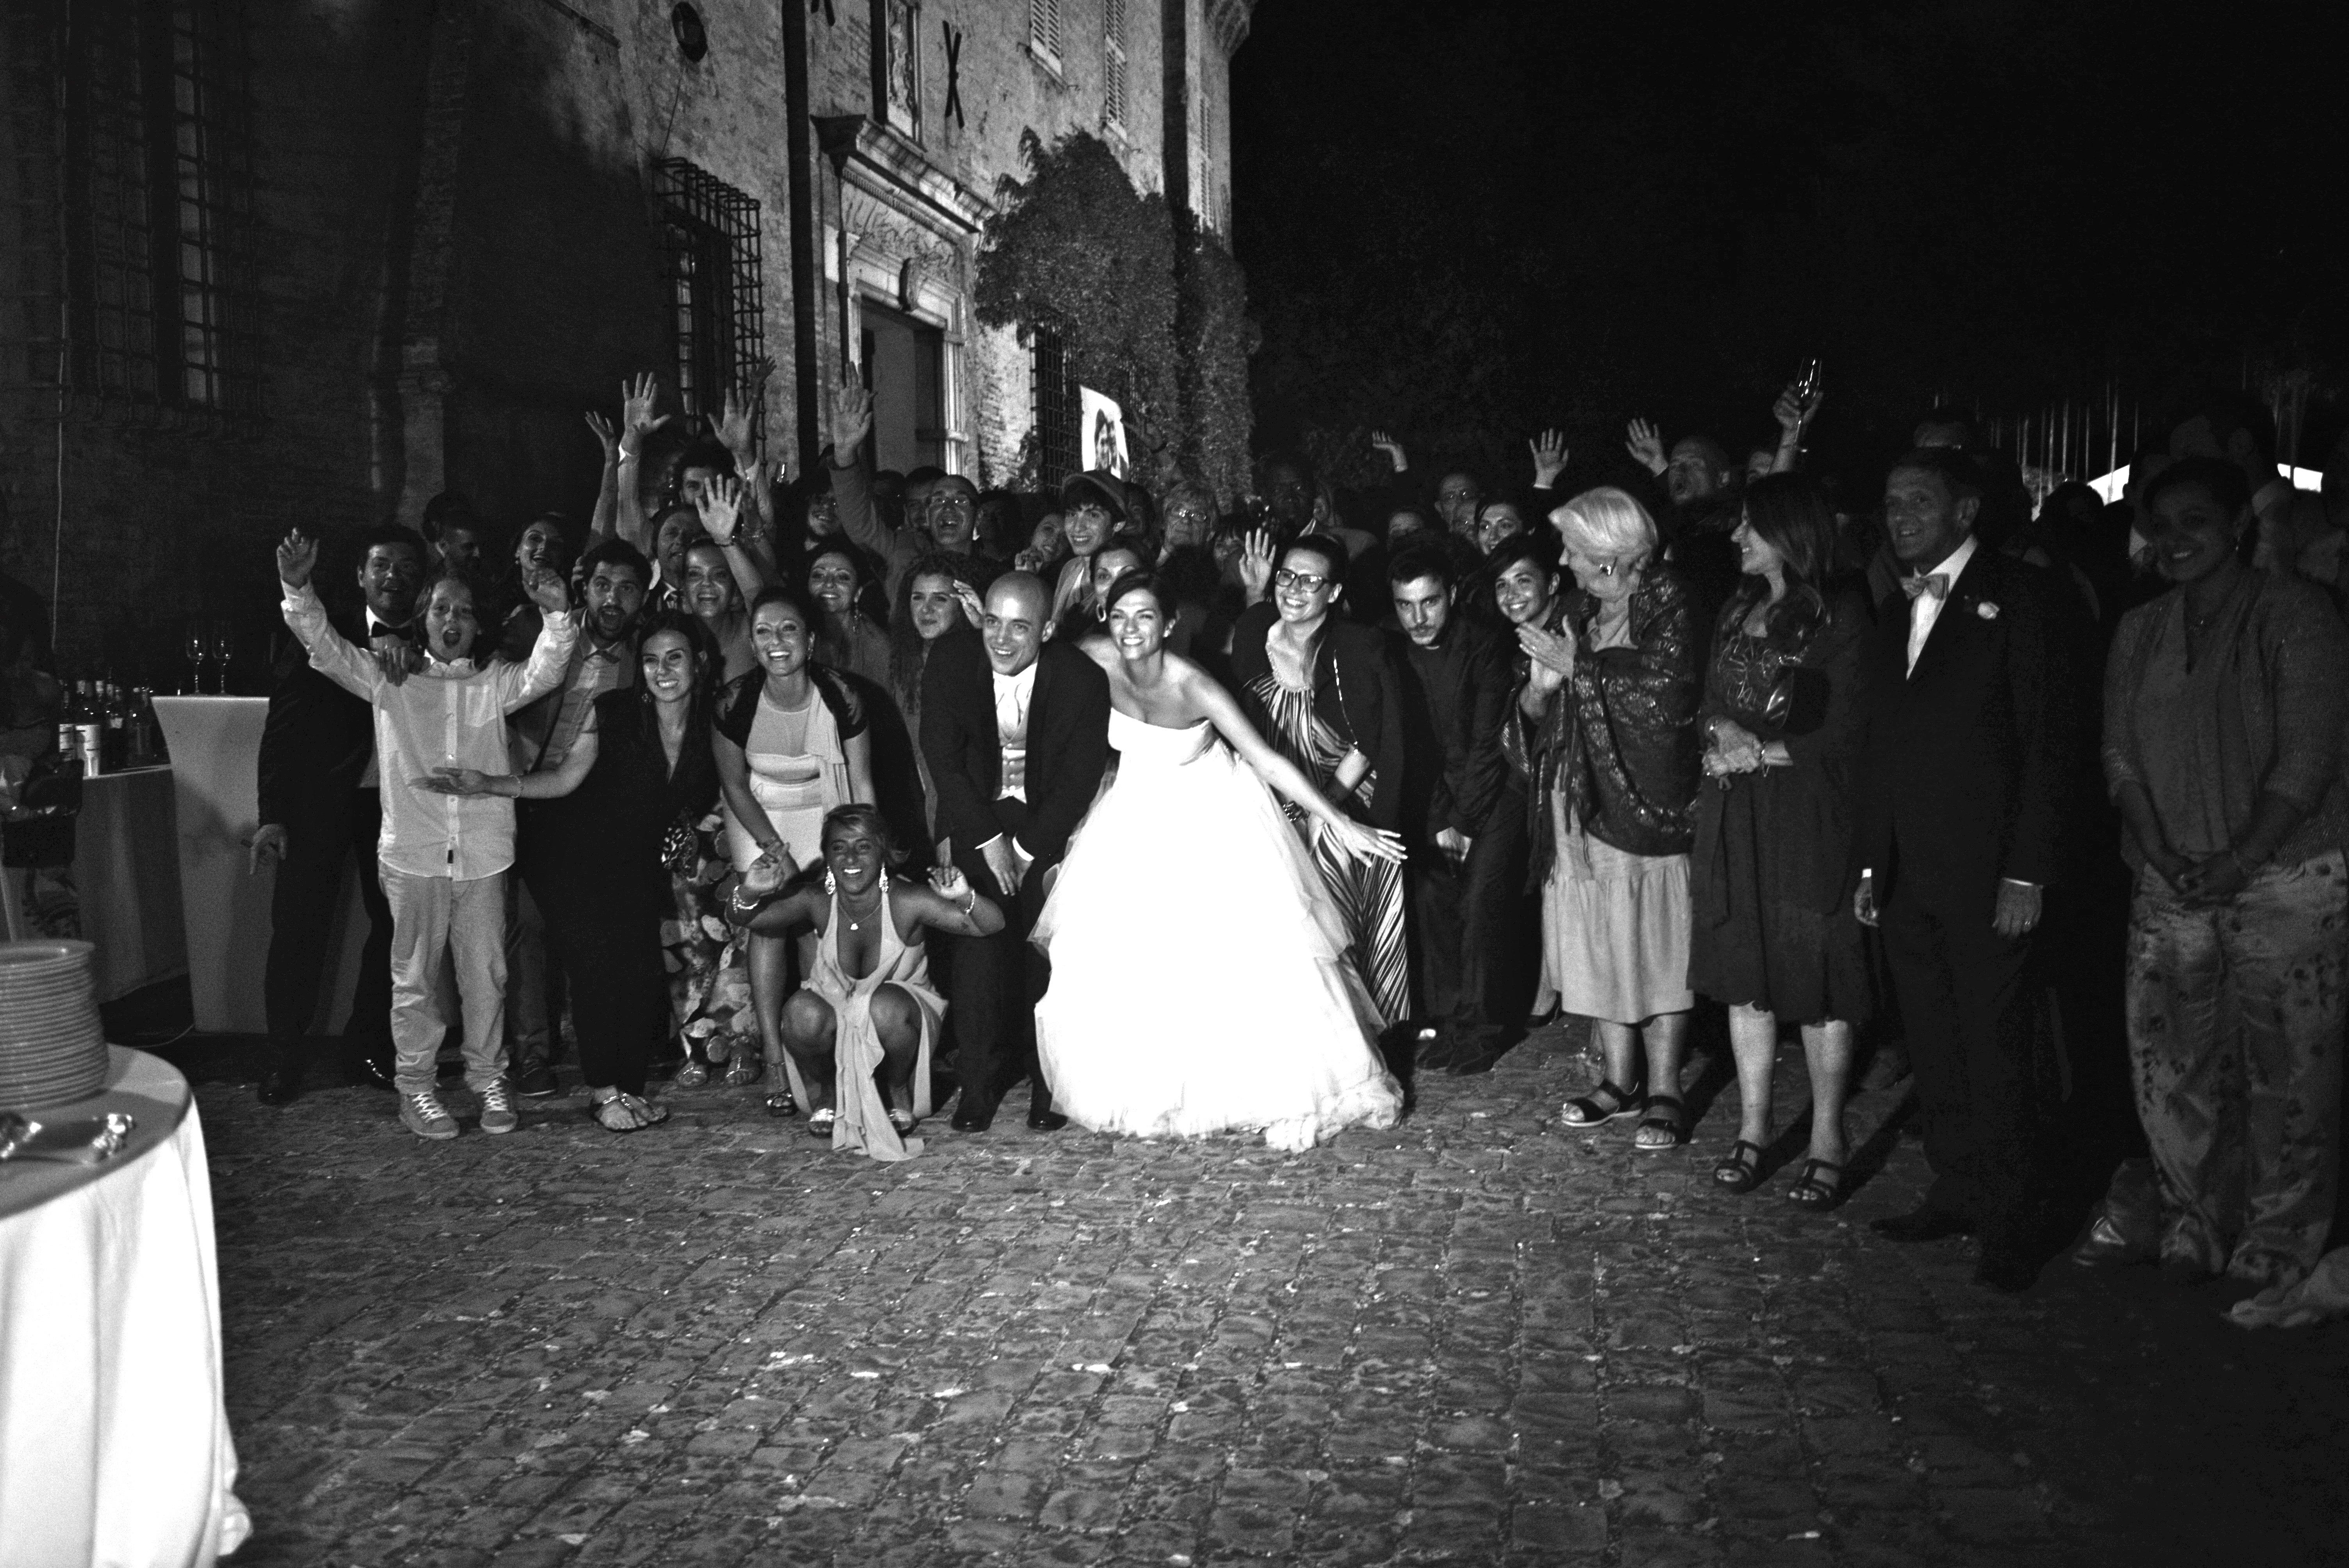 foto di gruppo di sposi e parenti in bianco e nero